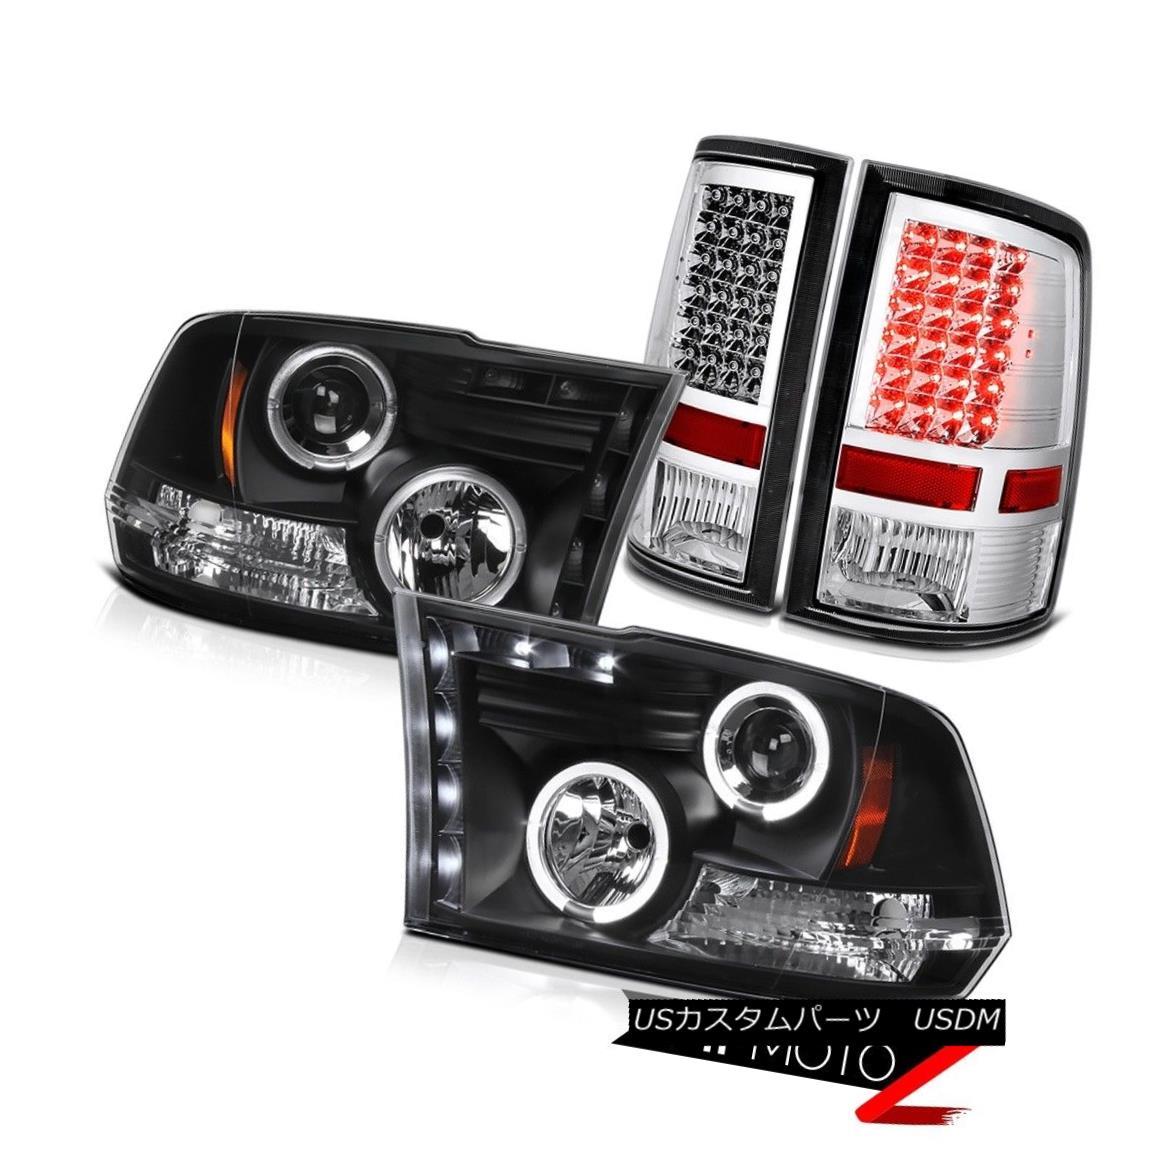 テールライト 2009-2018 Dodge Ram LED DRL Projector Headlight Chrome Rear Taillight Brake Lamp 2009-2018 Dodge Ram LED DRLプロジェクターヘッドライトクロームリアティアライトブレーキランプ